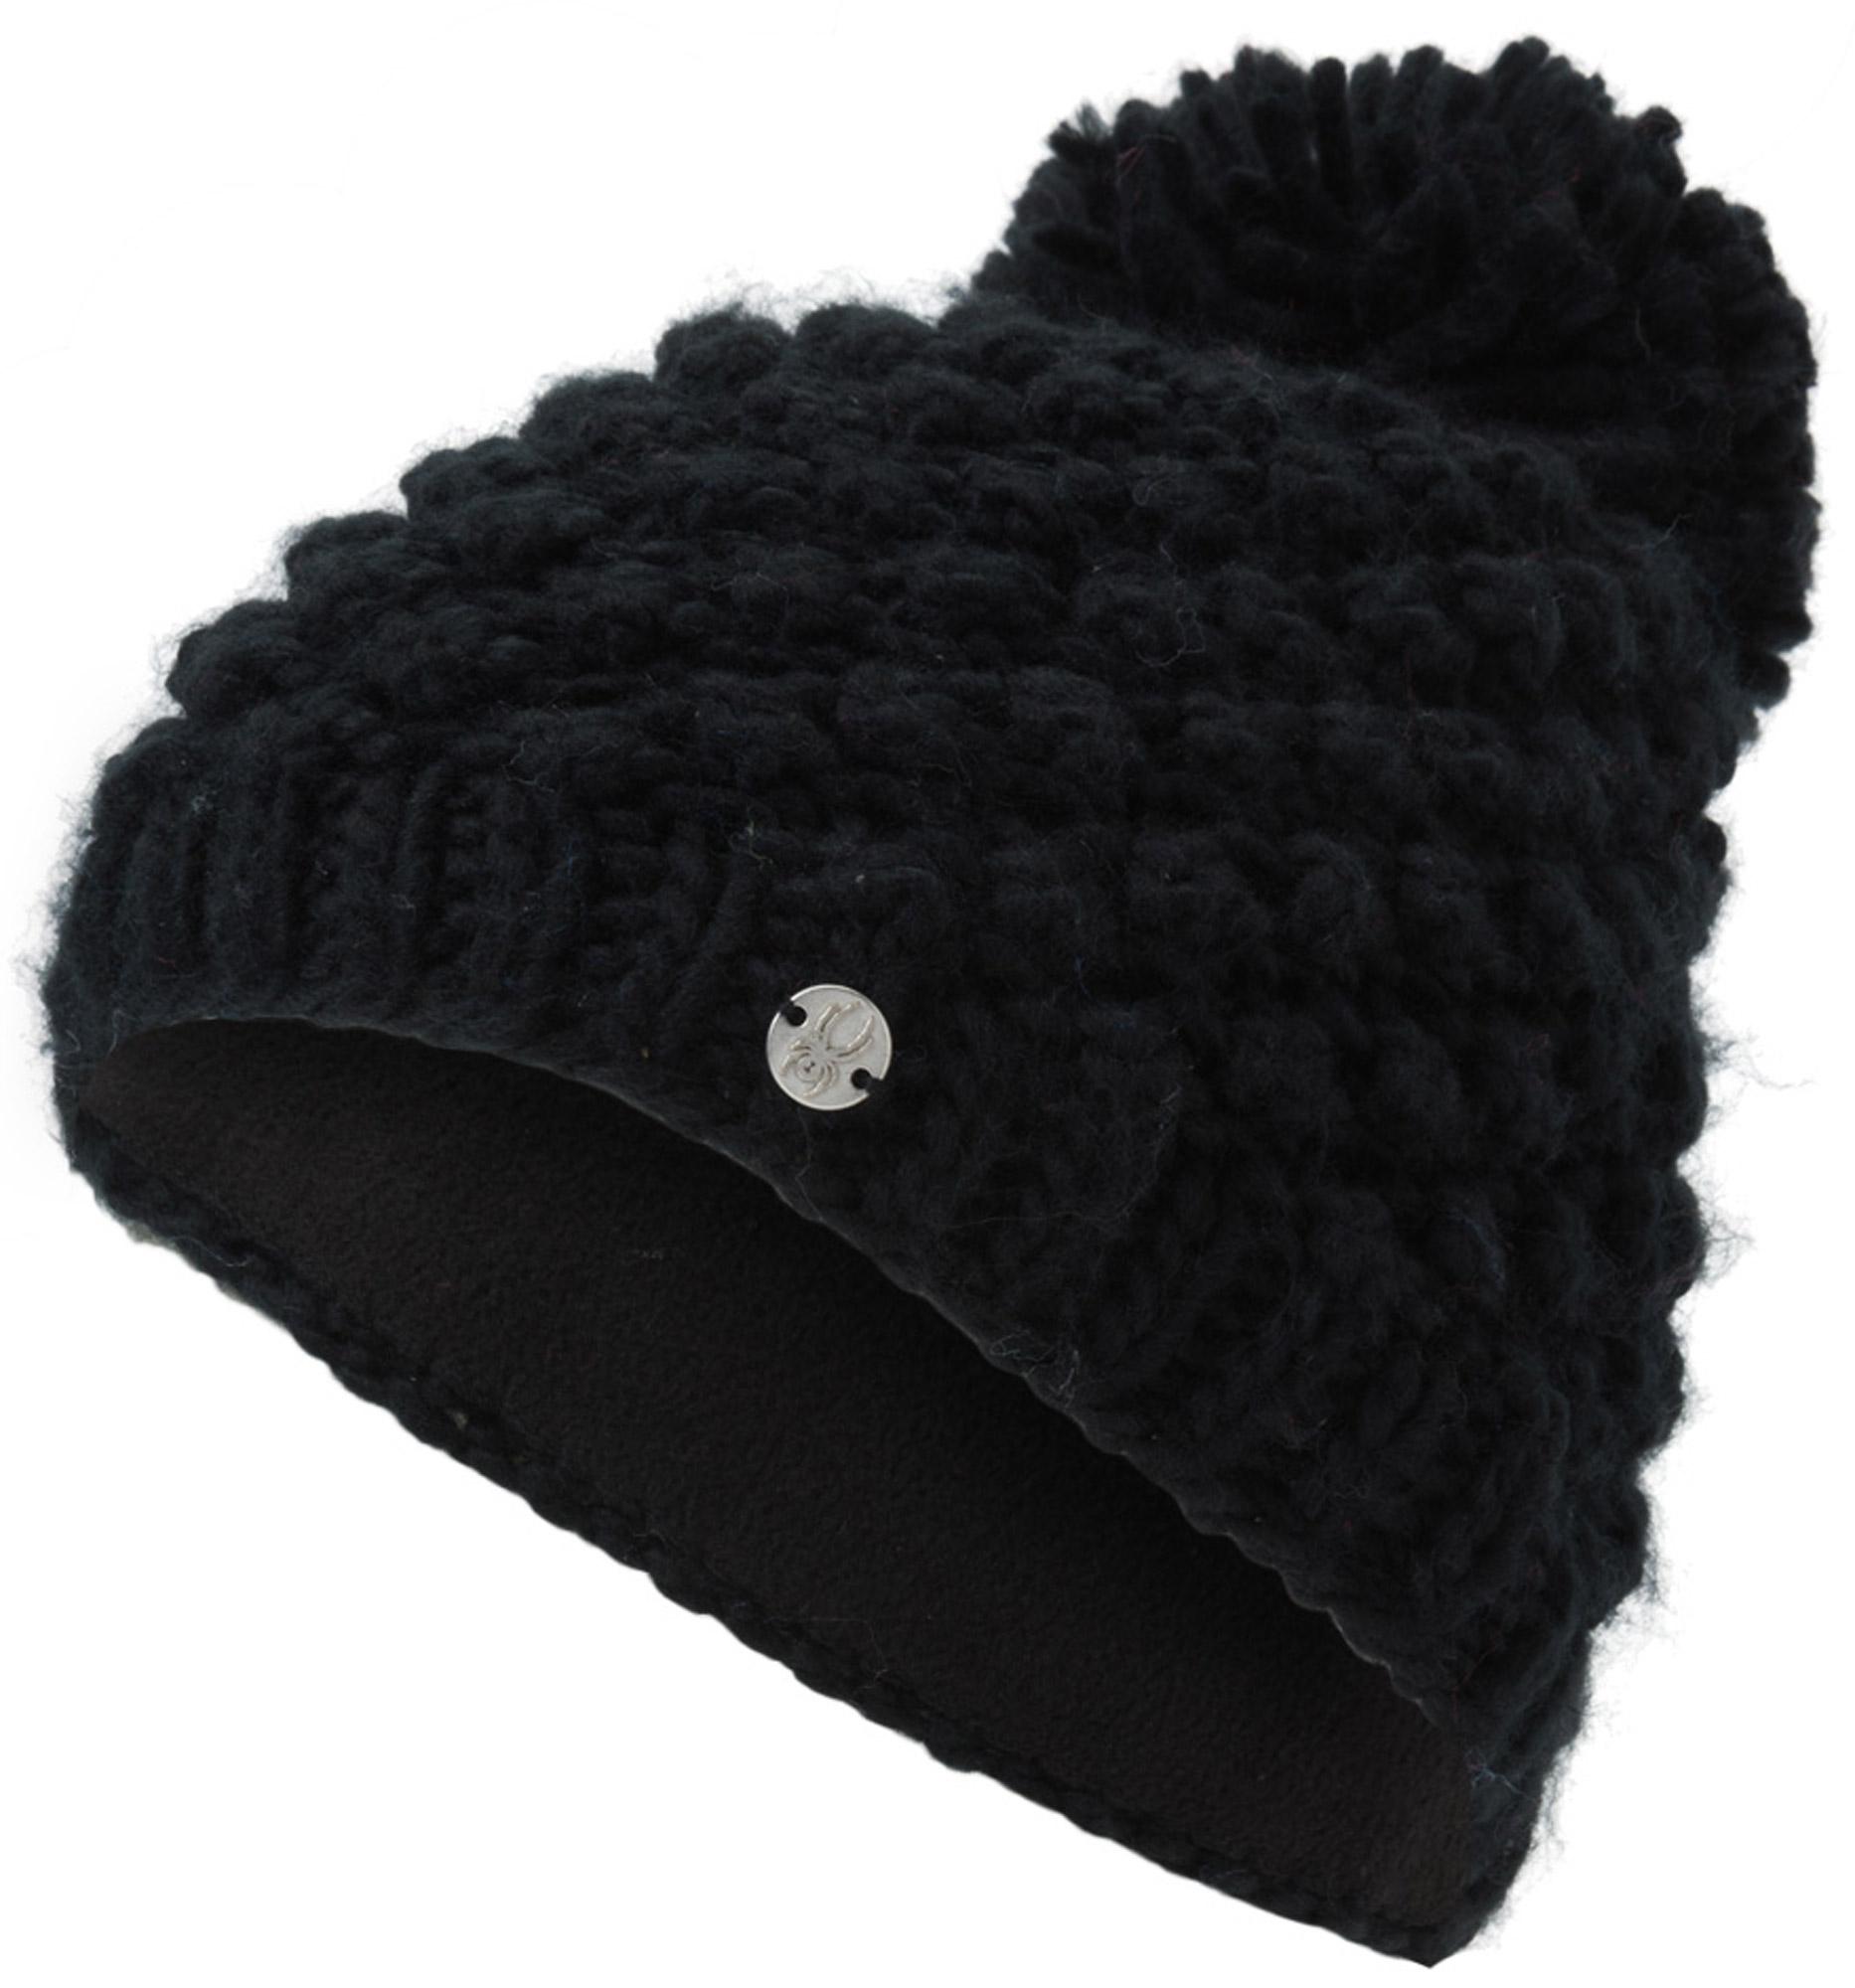 433c0d623e7 Spyder Brrr Berry Hat - Girls